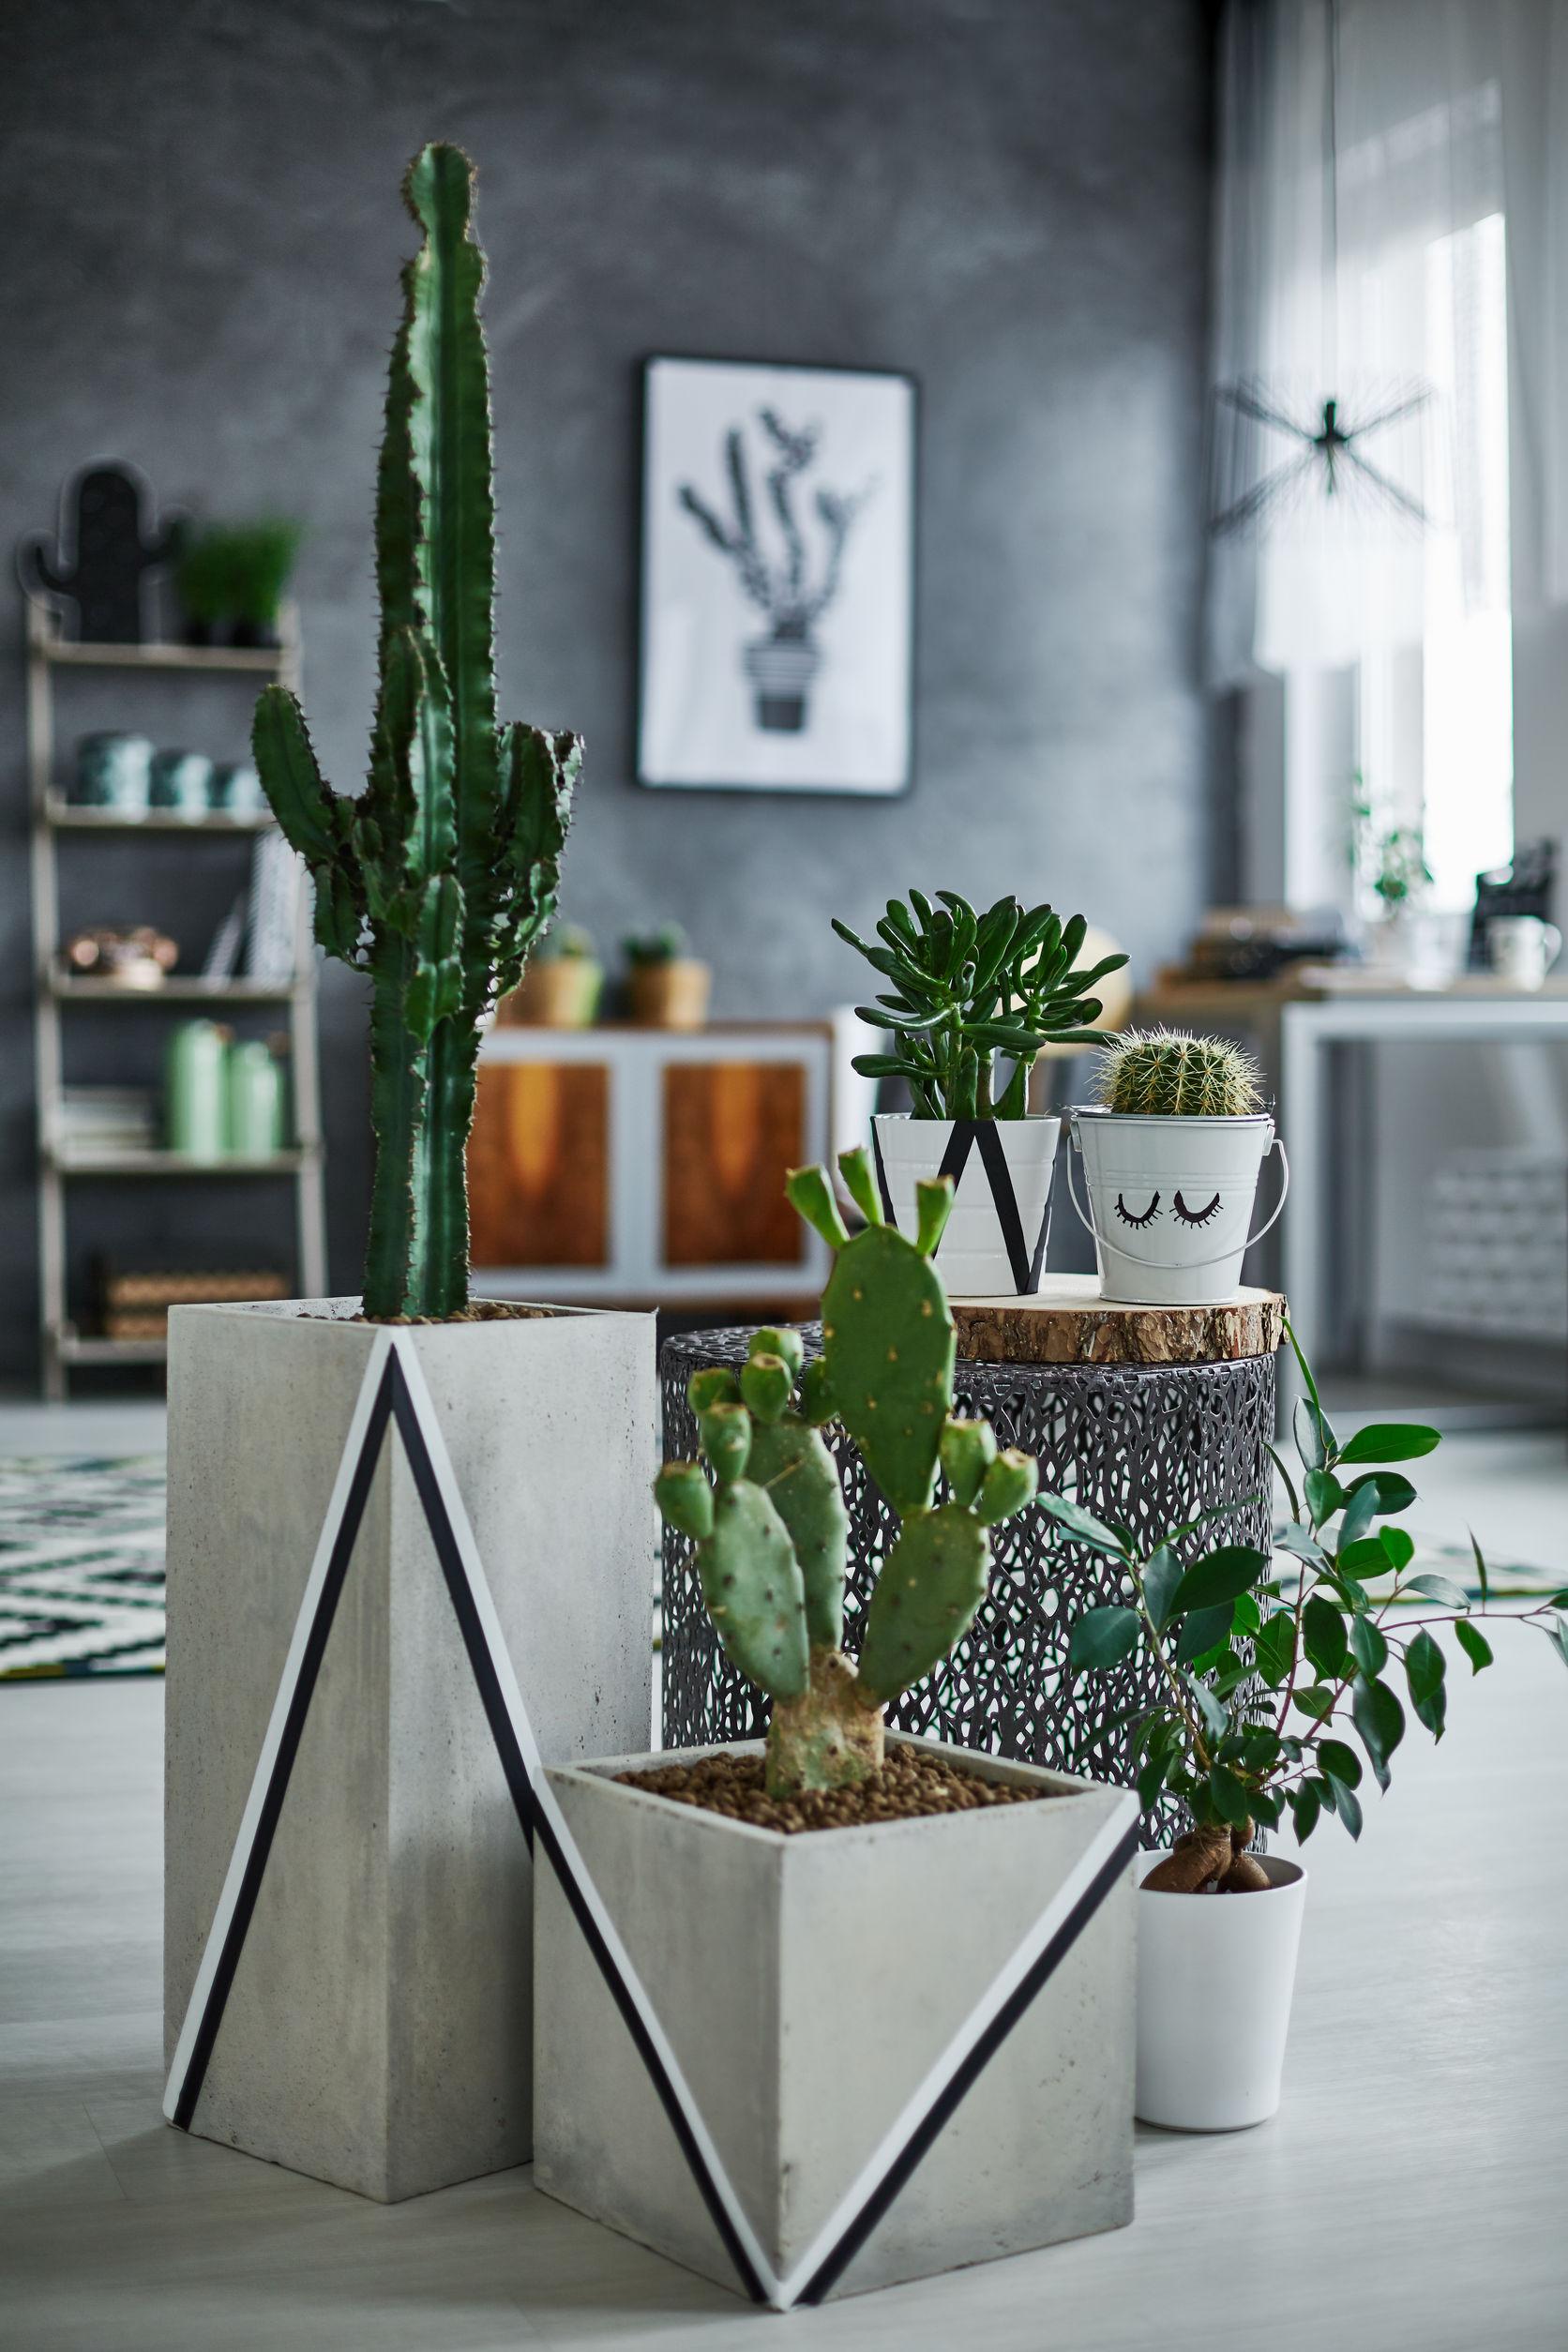 regroupement de cactus